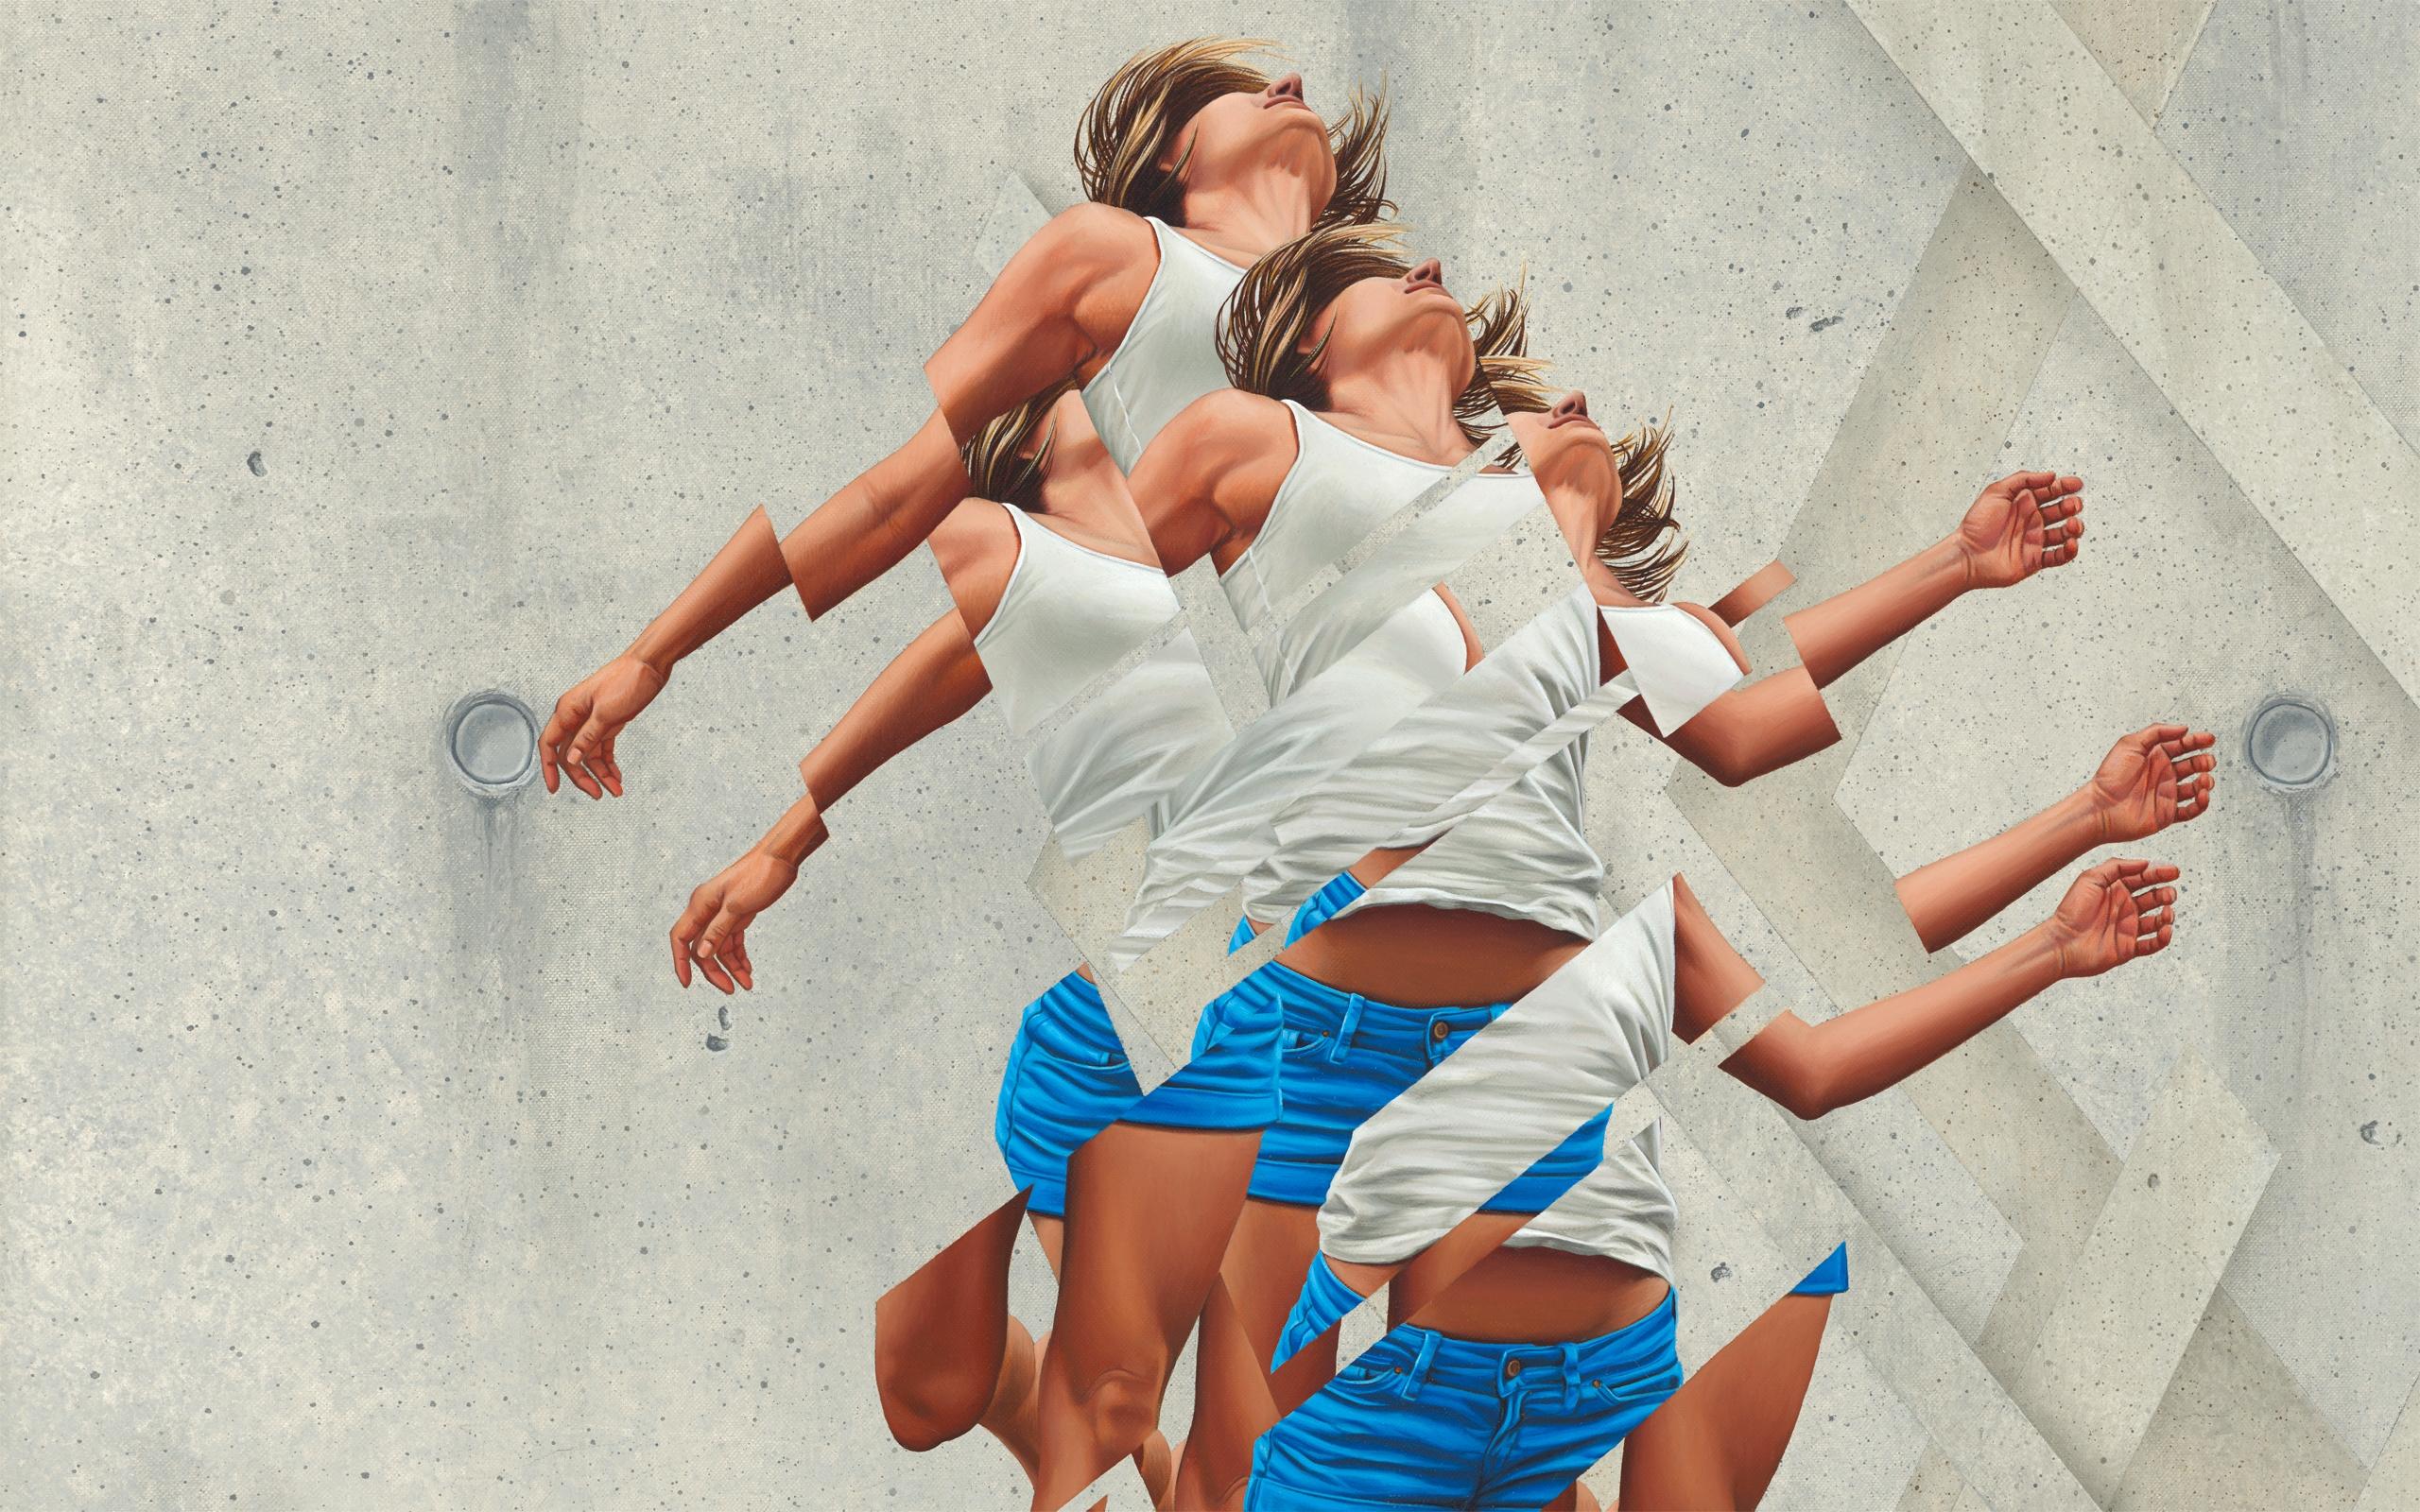 James magnificent murals, idea  - wetransfer | ello